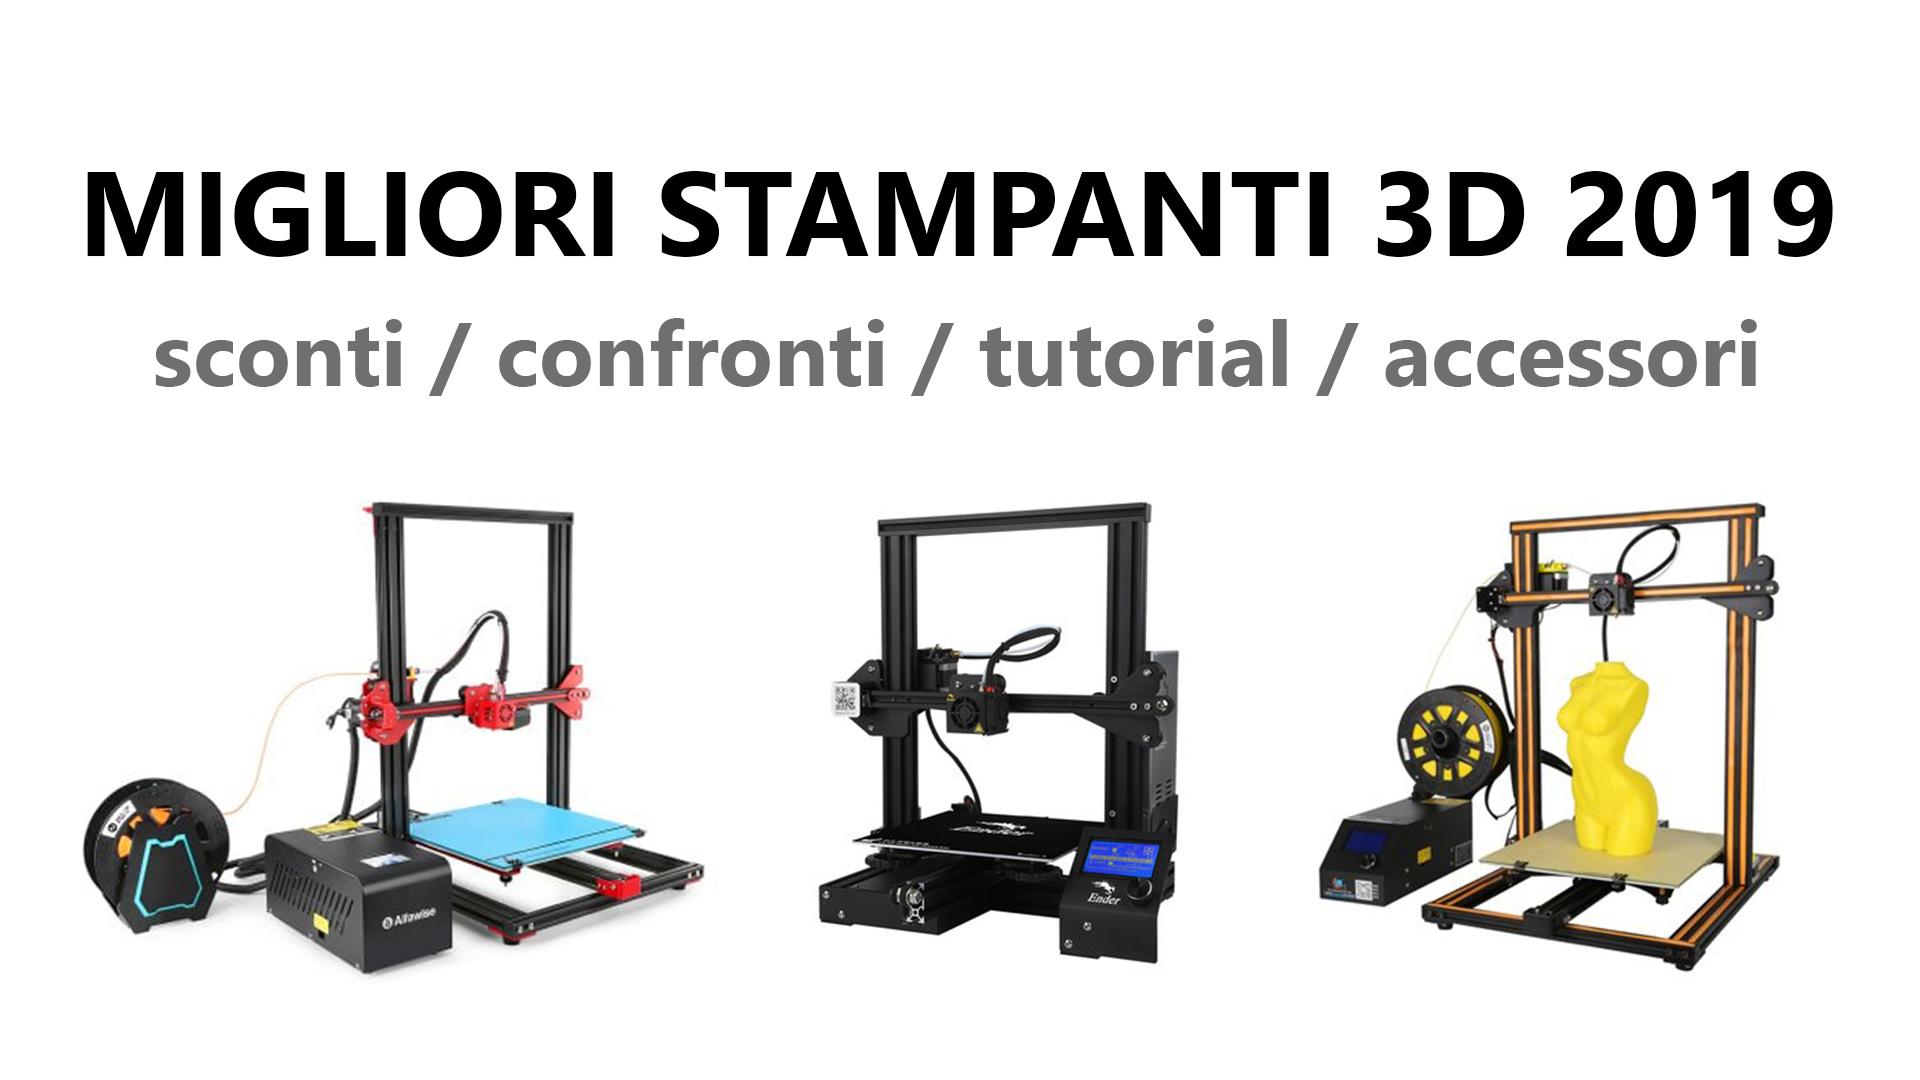 Migliori stampanti 3D 2019